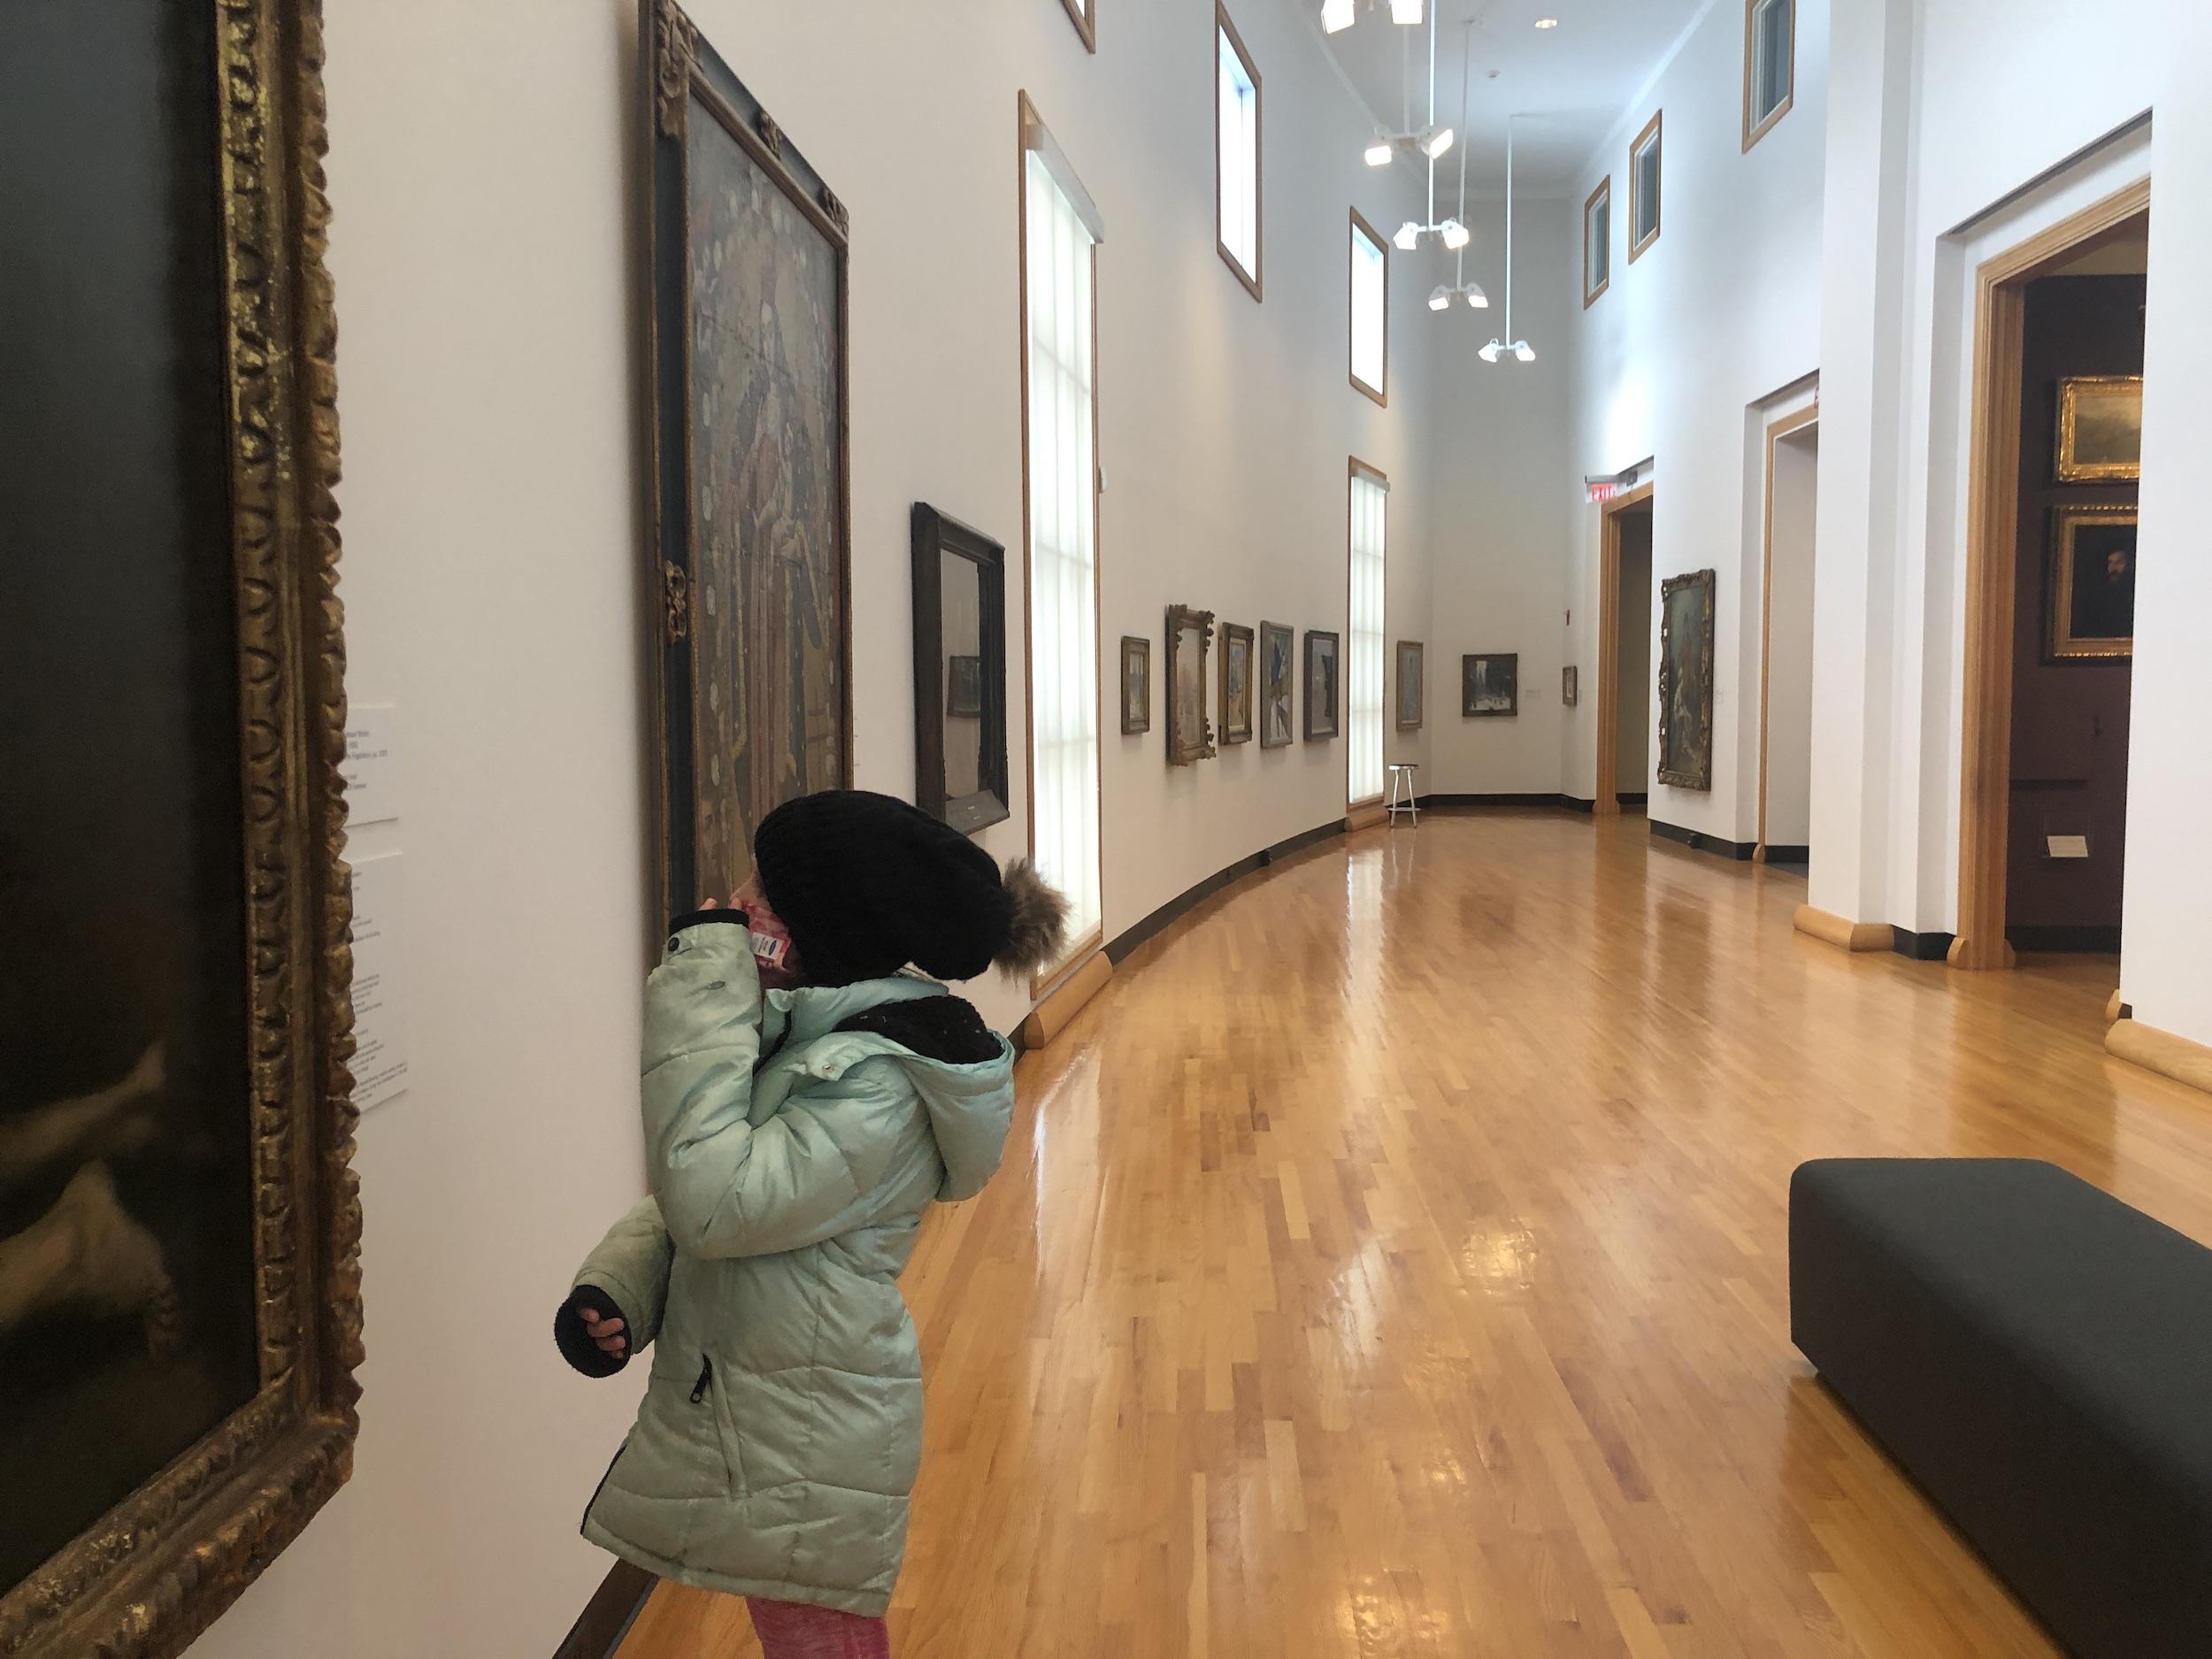 Krannert Art Museum Gallery